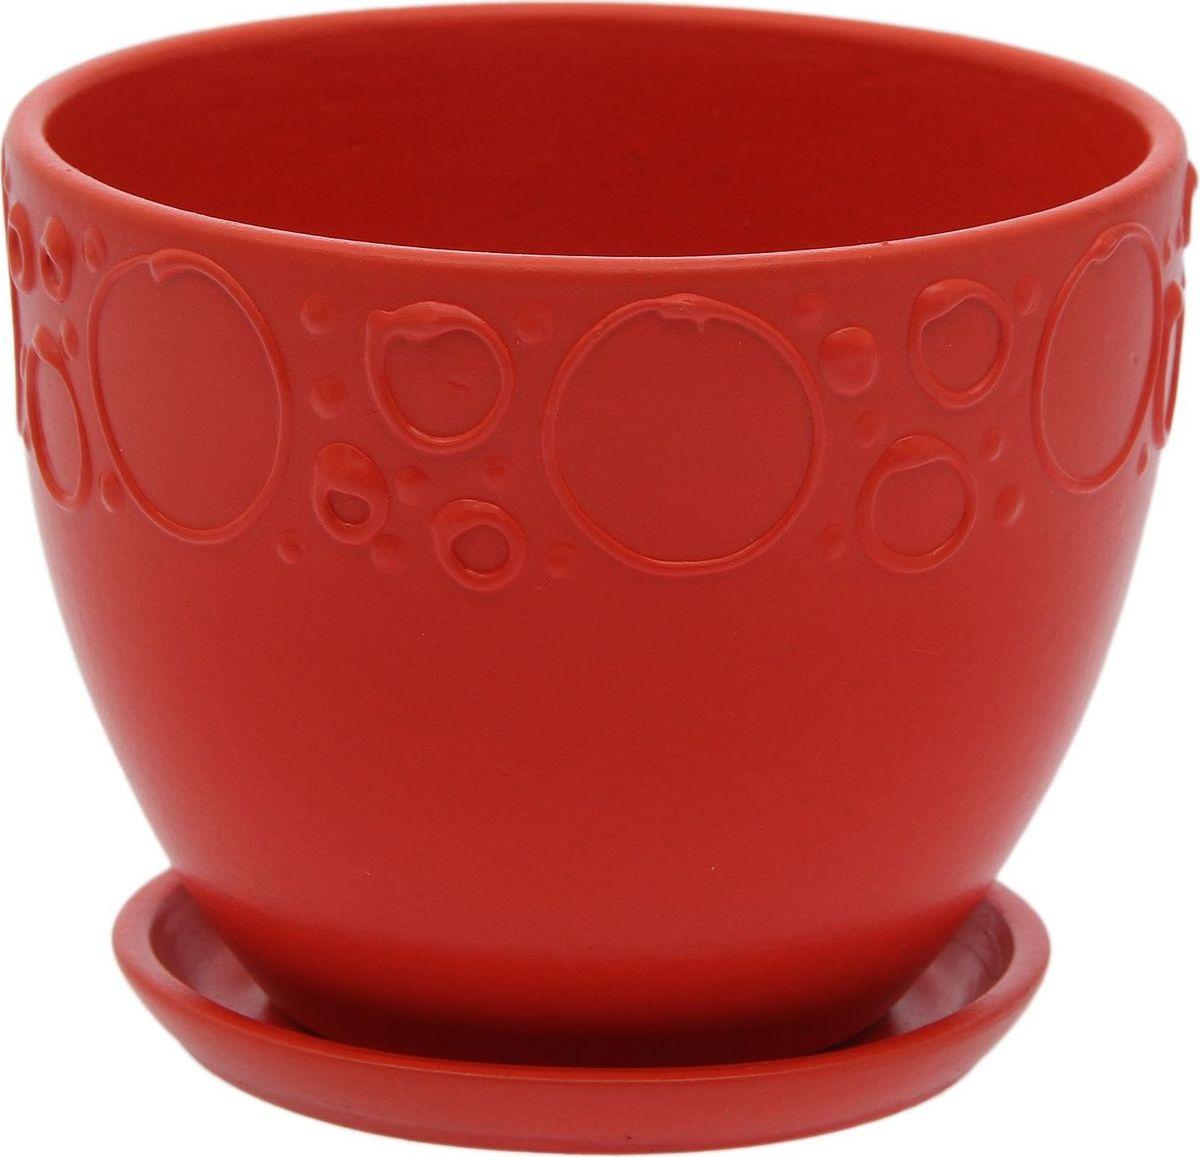 Кашпо Пузыри, цвет: красный, 0,8 л2015526Комнатные растения — всеобщие любимцы. Они радуют глаз, насыщают помещение кислородом и украшают пространство. Каждому из них необходим свой удобный и красивый дом. Кашпо из керамики прекрасно подходят для высадки растений: за счёт пластичности глины и разных способов обработки существует великое множество форм и дизайновпористый материал позволяет испаряться лишней влагевоздух, необходимый для дыхания корней, проникает сквозь керамические стенки! #name# позаботится о зелёном питомце, освежит интерьер и подчеркнёт его стиль.